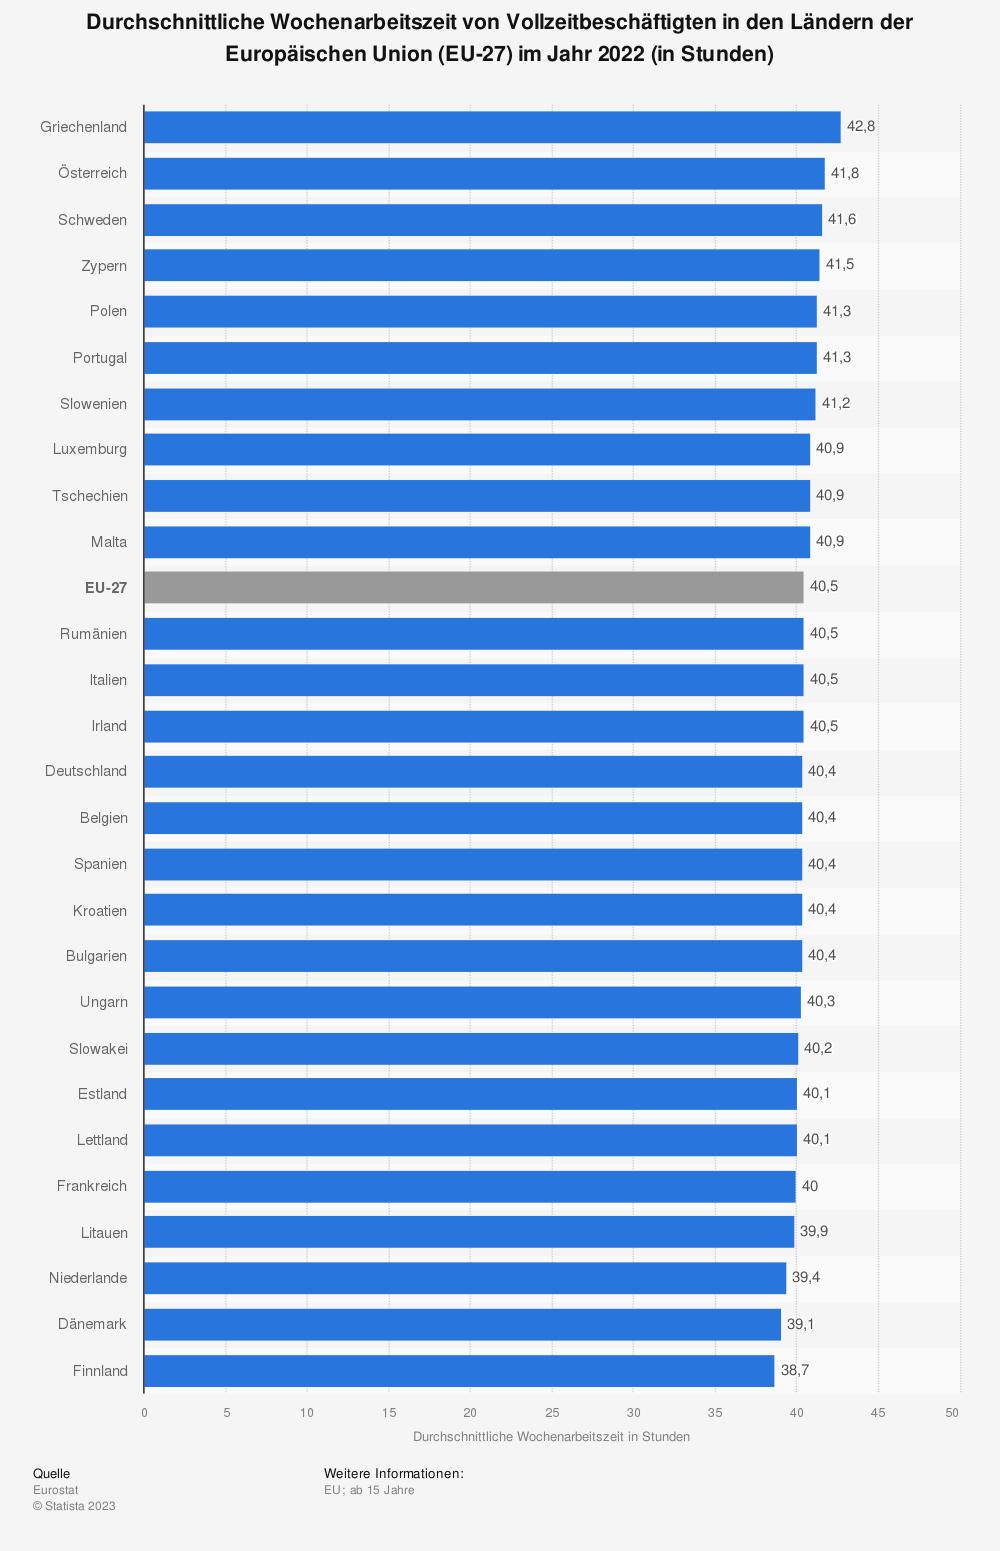 Statistik: Durchschnittliche Wochenarbeitszeit von Vollzeitbeschäftigten in den Ländern der Europäischen Union (EU-28) im Jahr 2014 (in Stunden) | Statista